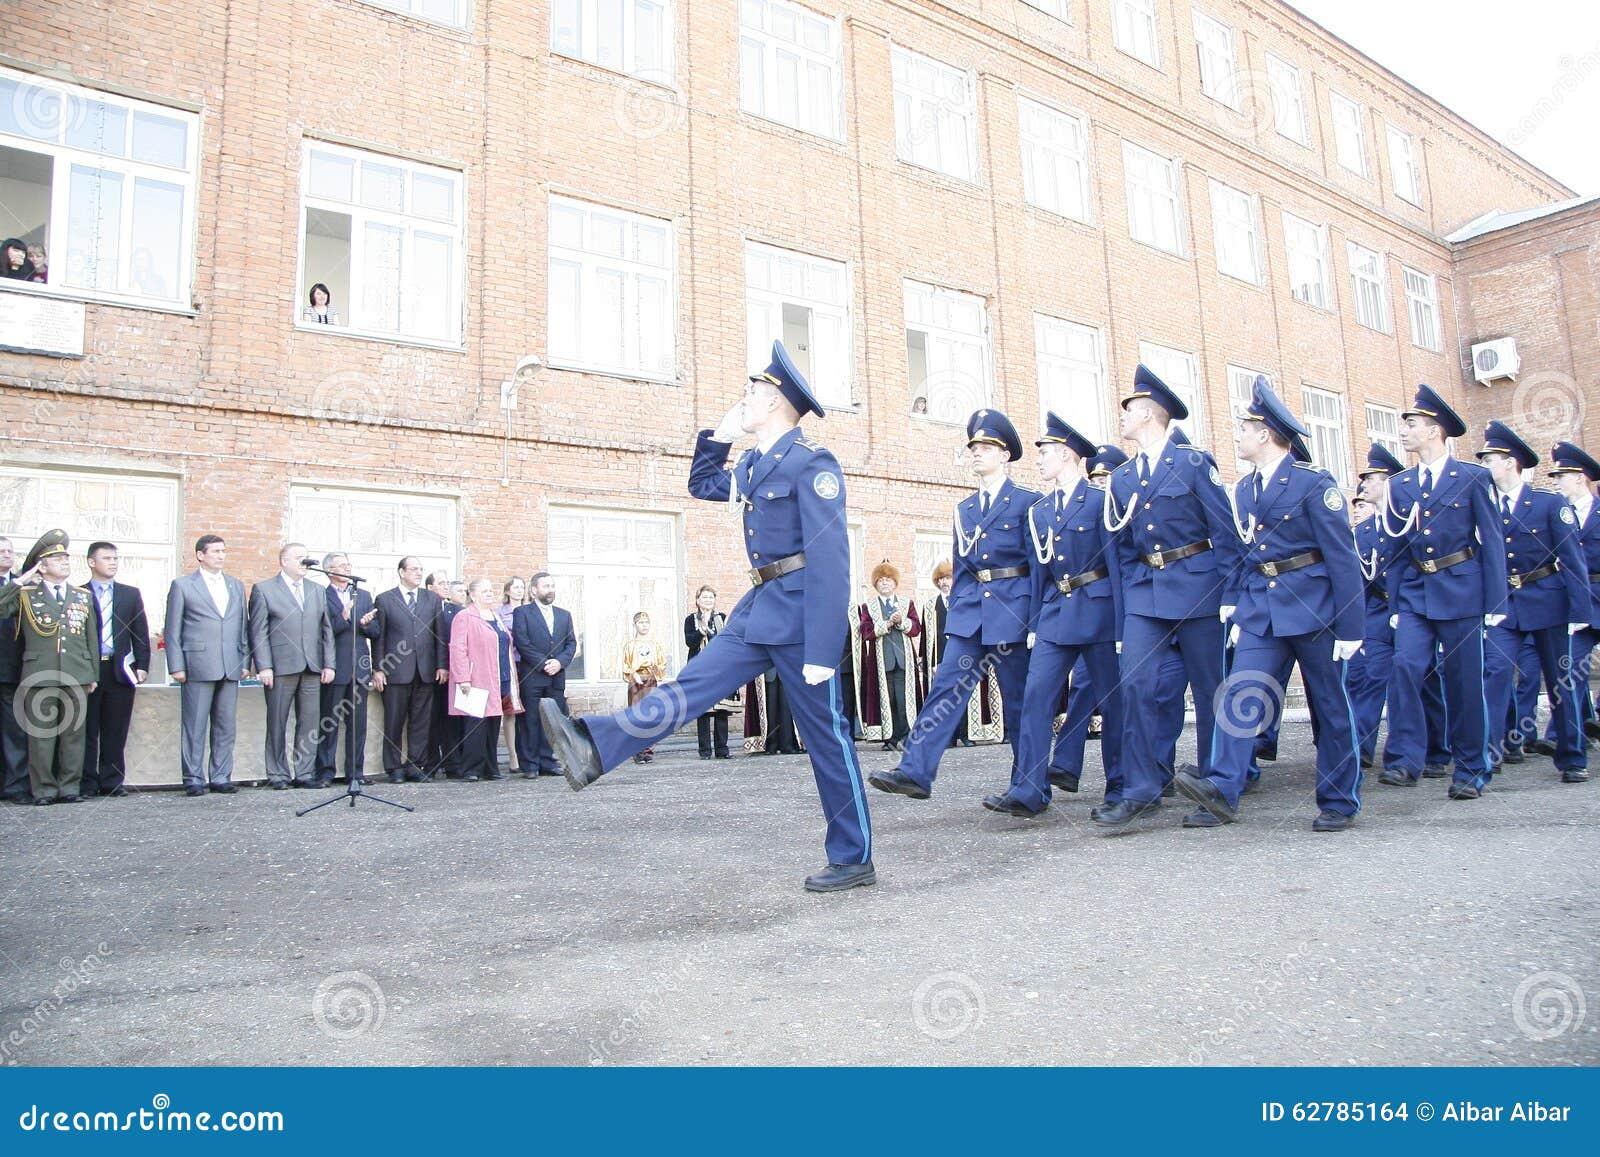 Оренбург Марш кадетов 2010 На предпосылке - Bashkirs в национальных одеждах